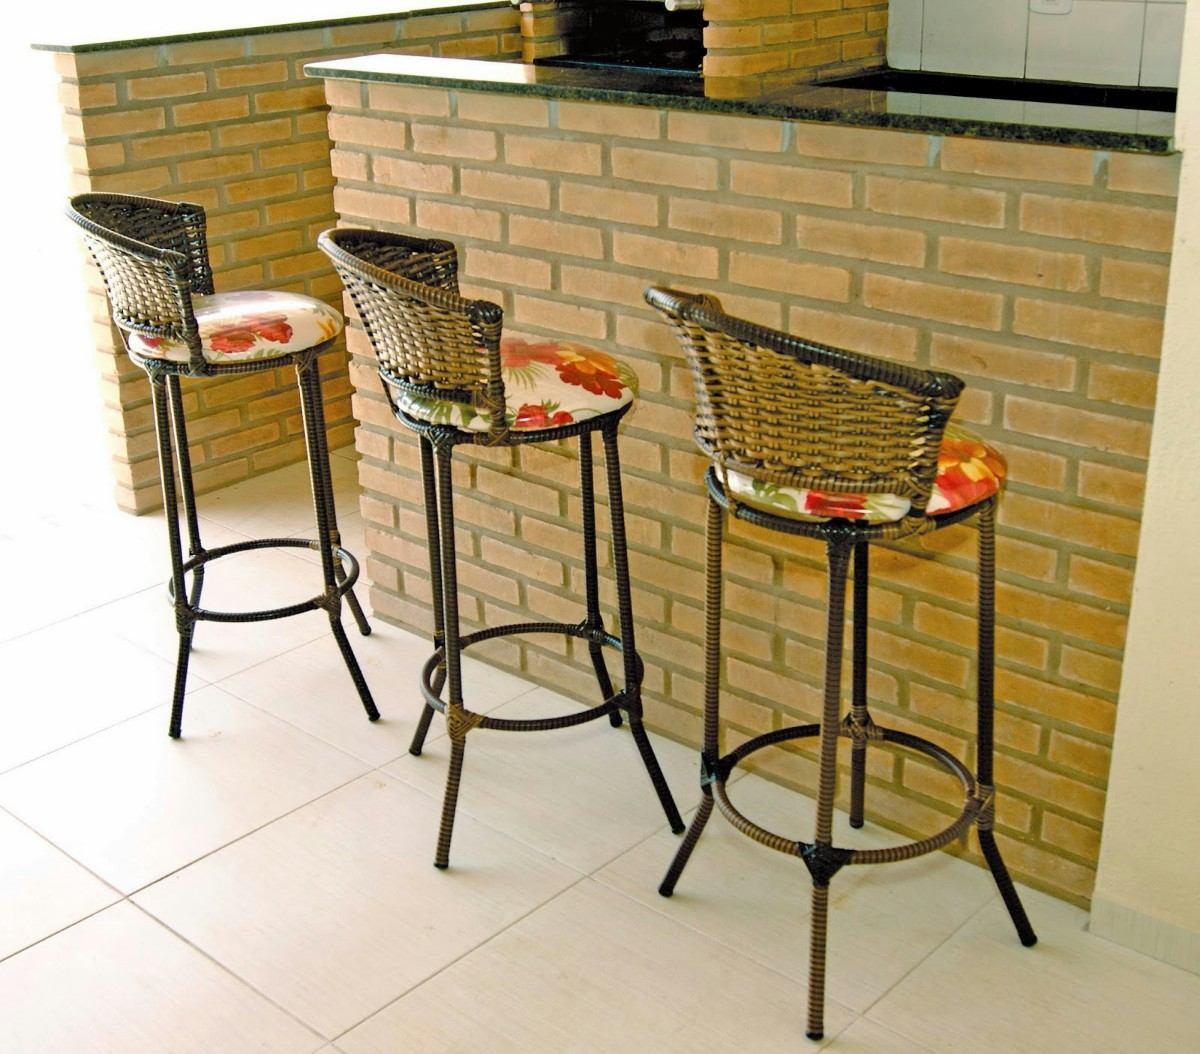 #B43D17 Banqueta De Junco Sintético R$ 120 99 em Mercado Livre 1200x1054 px Banquetas Para Cozinha Americana No Mercado Livre #1575 imagens